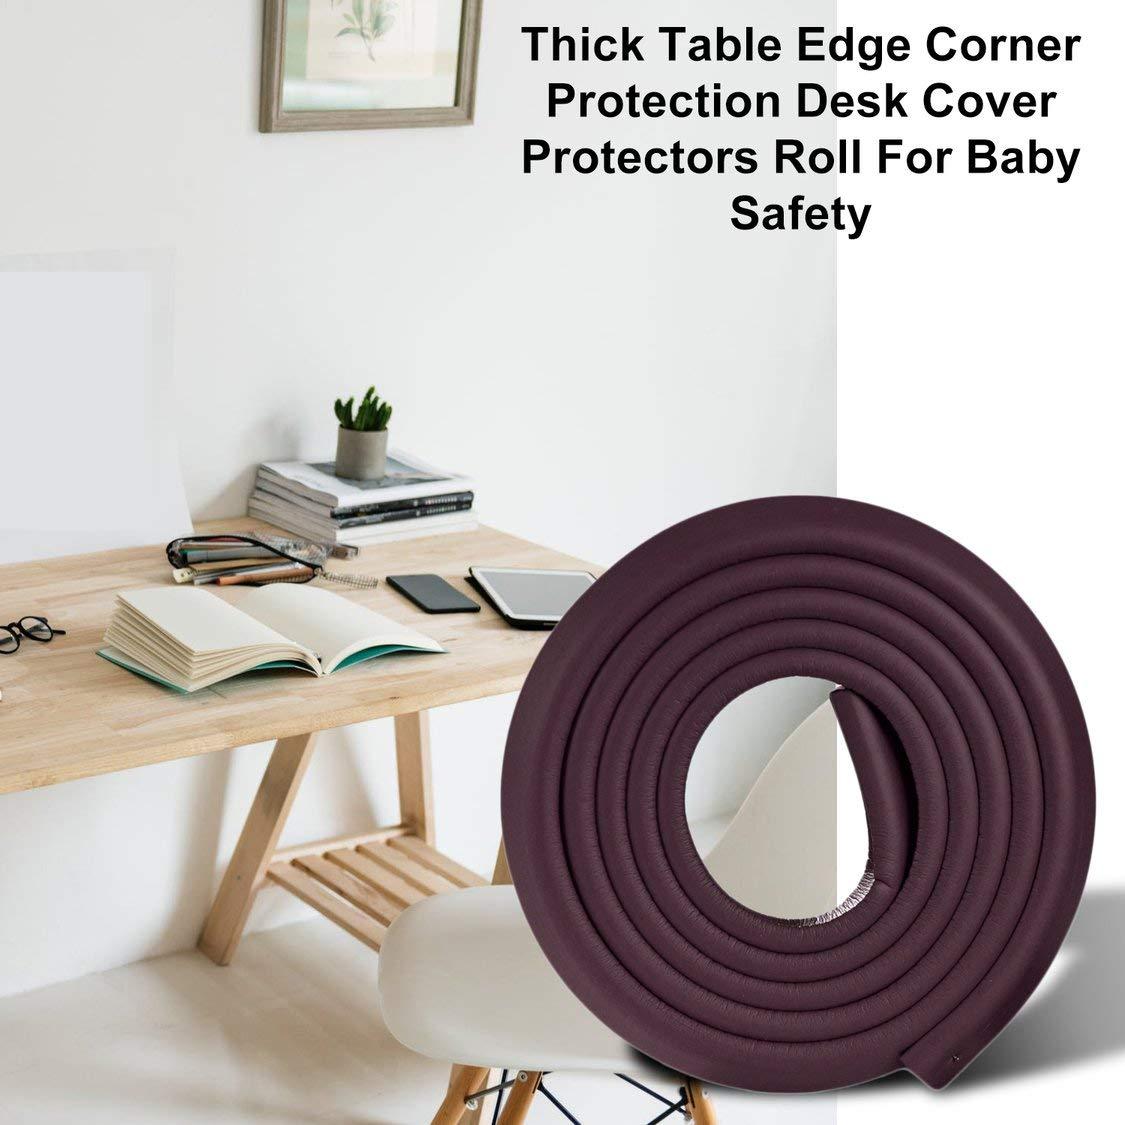 2M en forma de U Muebles extra gruesos Borde de mesa Corne r Protecciones Cubierta de escritorio Protectores Espuma Baby Safety Bumper Guard